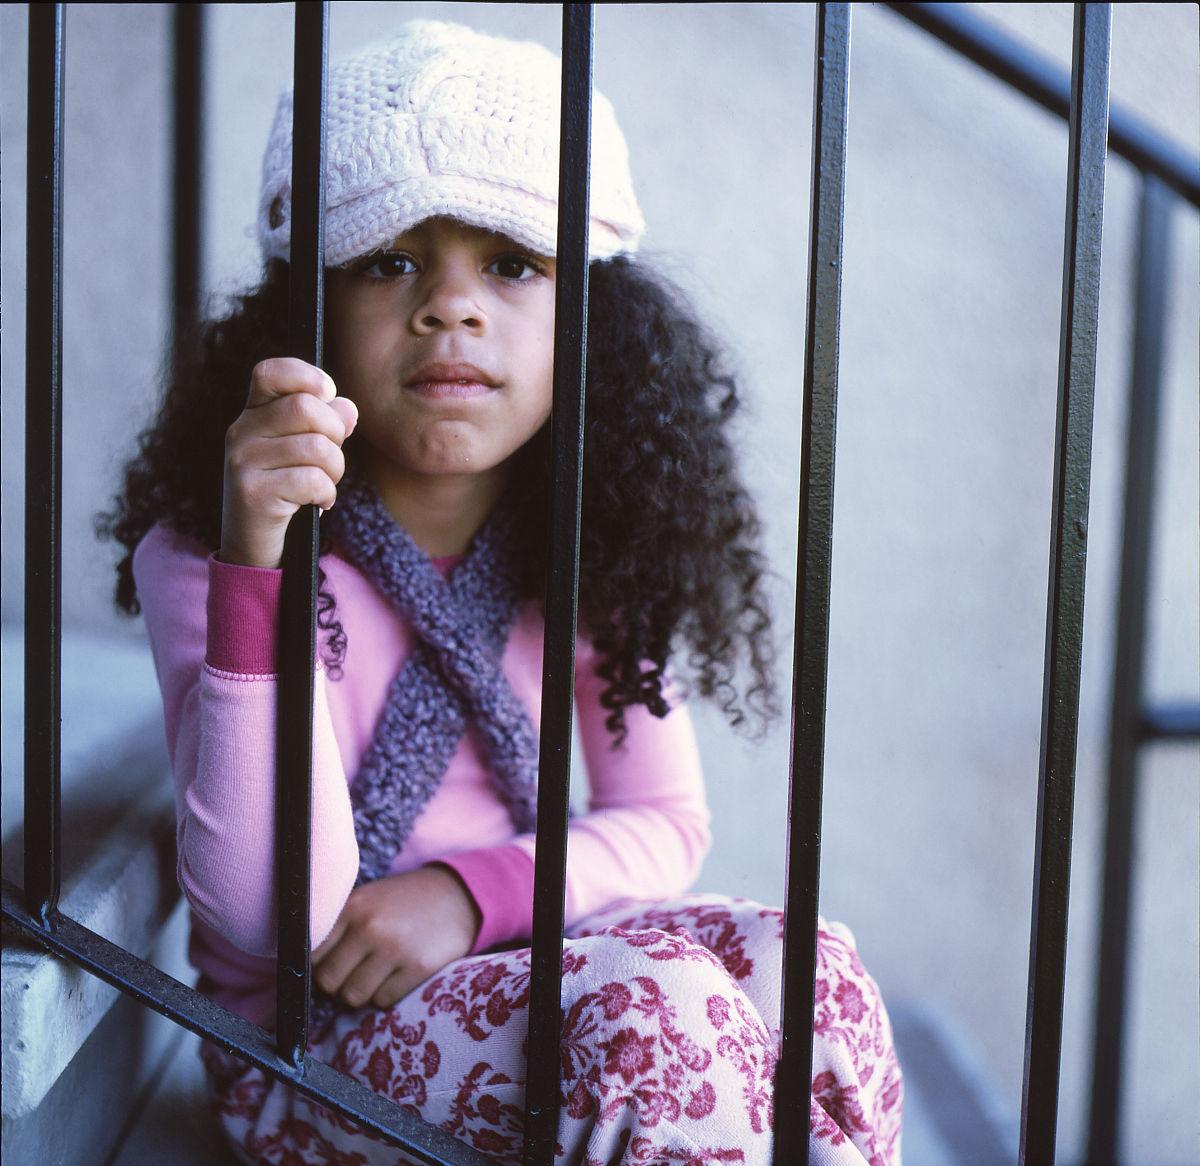 萨克拉门托,彩色图片,仅一个女孩,肖像,摄影,菲律宾人,非洲人,仅儿童图片